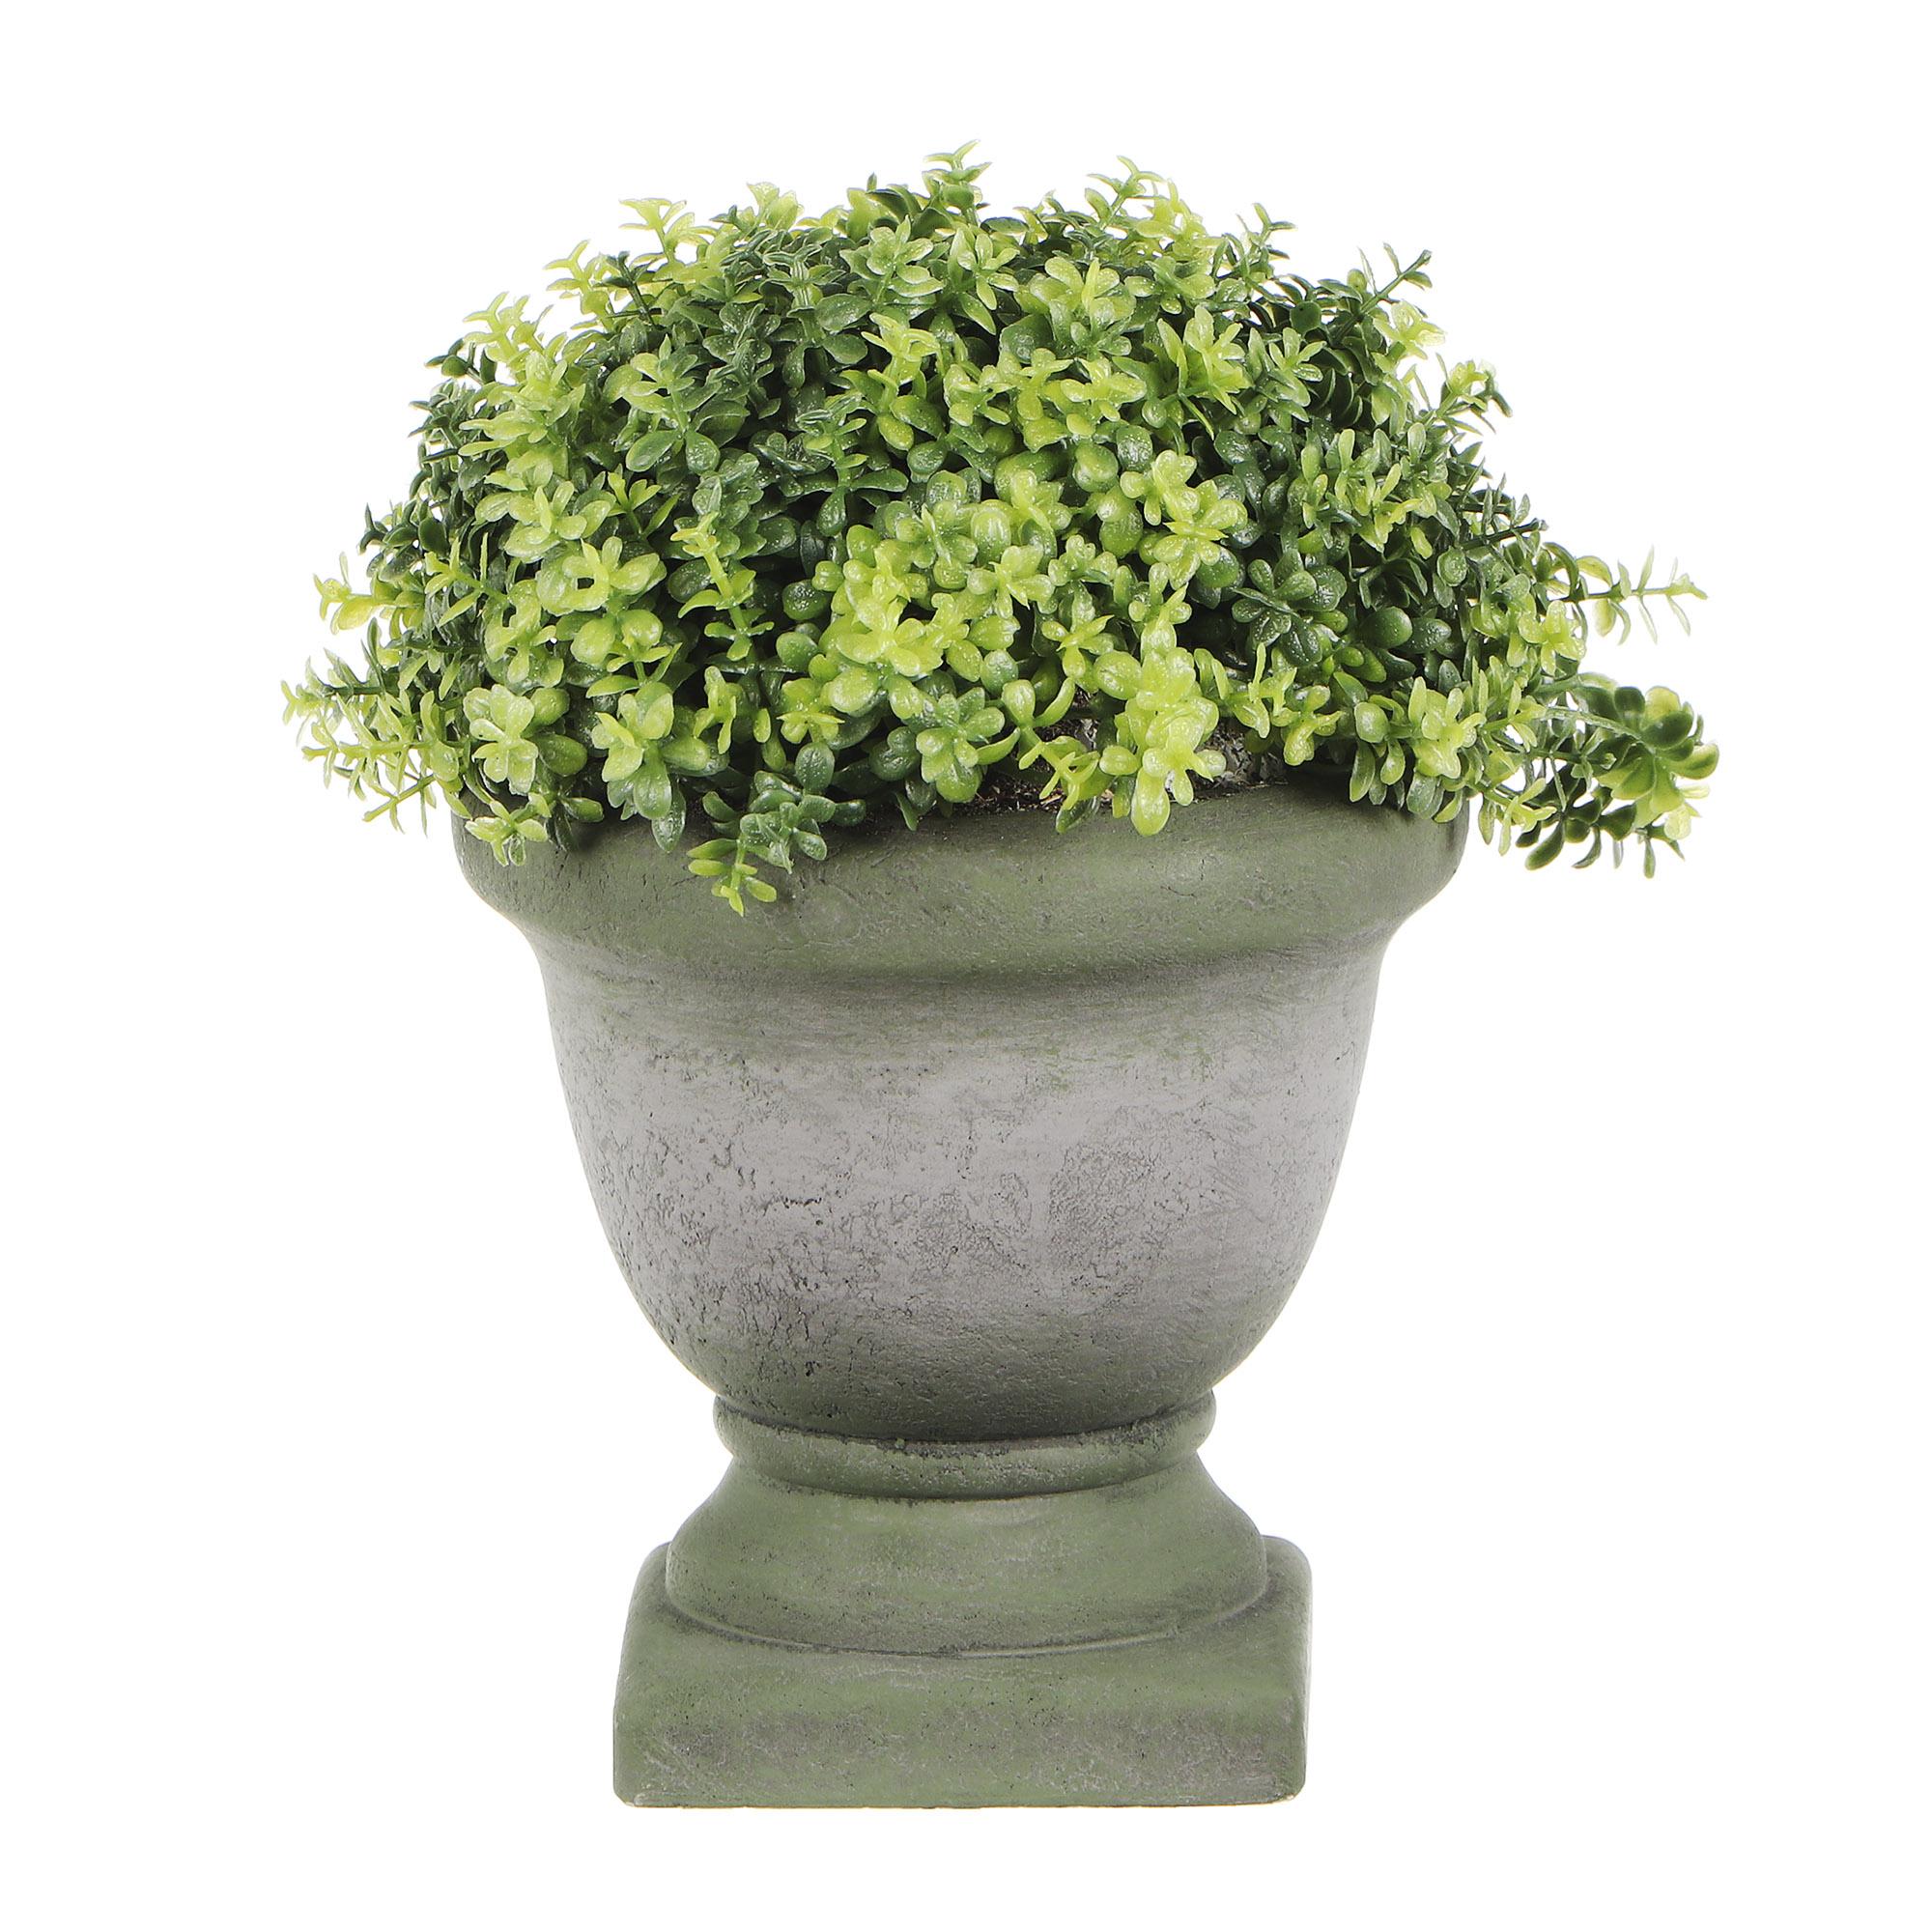 Растение искусственное Hanlin в горшке д12.5x18см фото